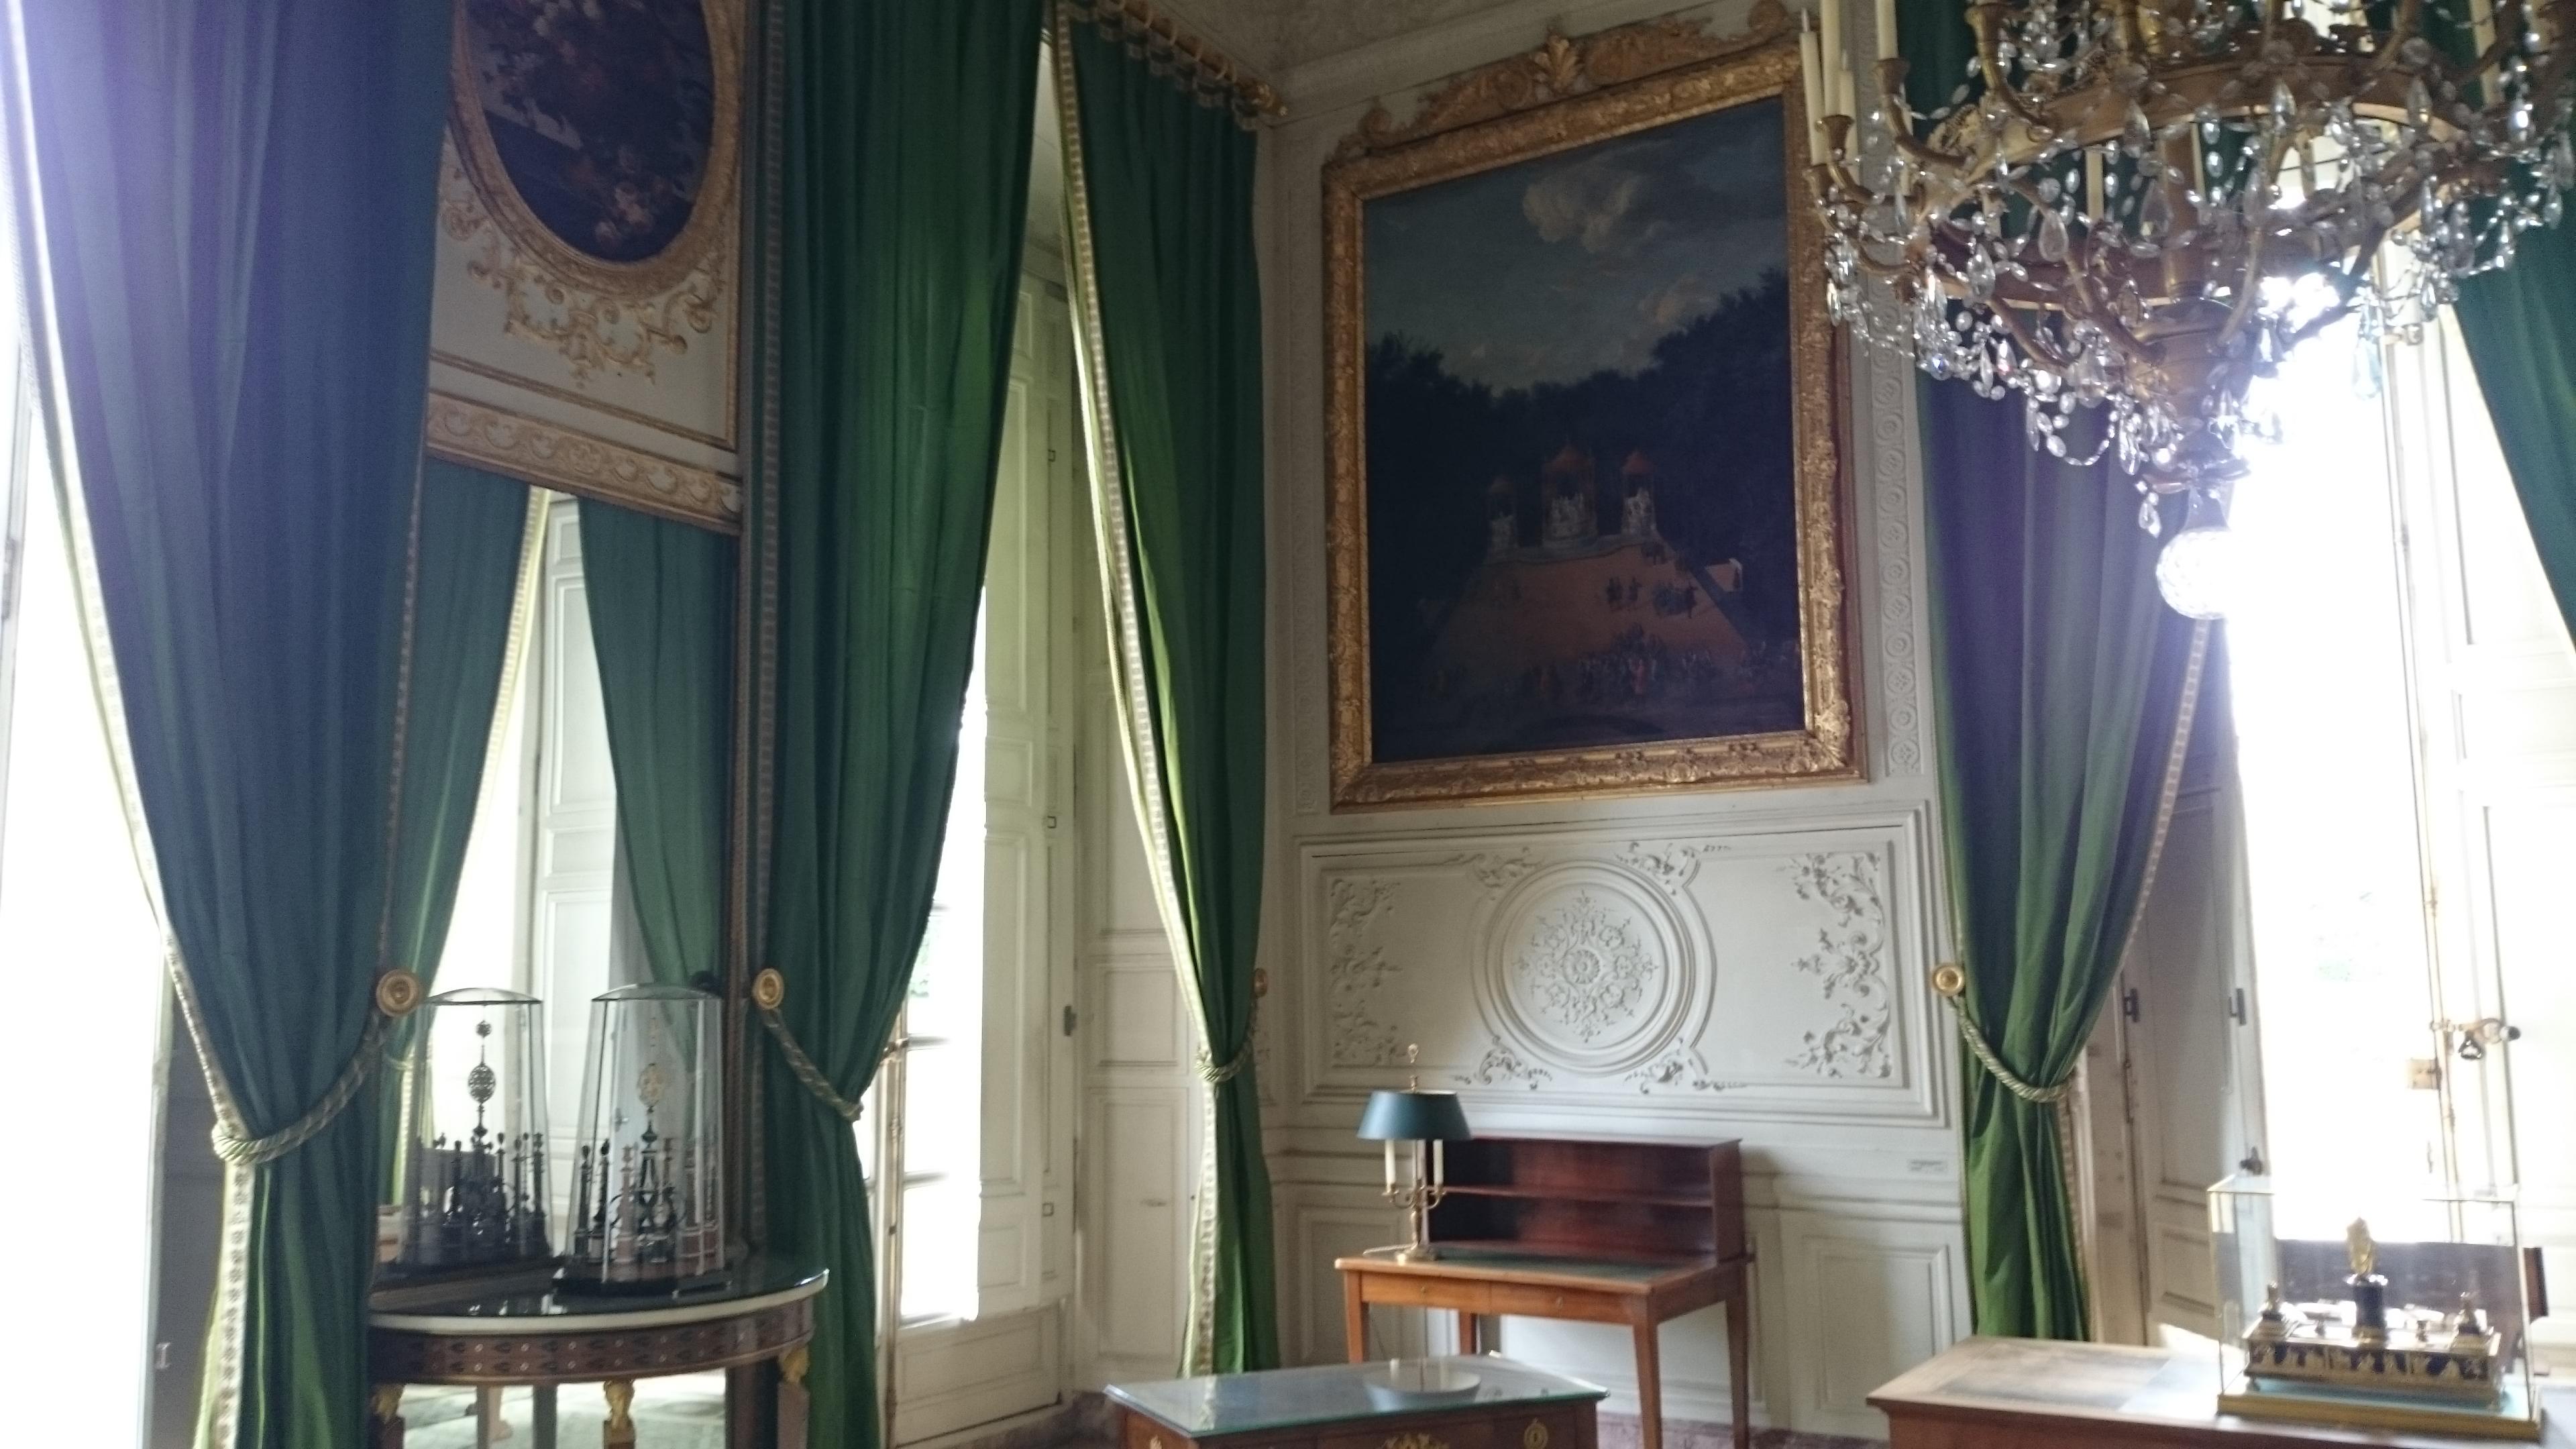 dsc 1232 - Visita al Palacio de Versalles: Como ir, cuanto cuesta y tips II/III